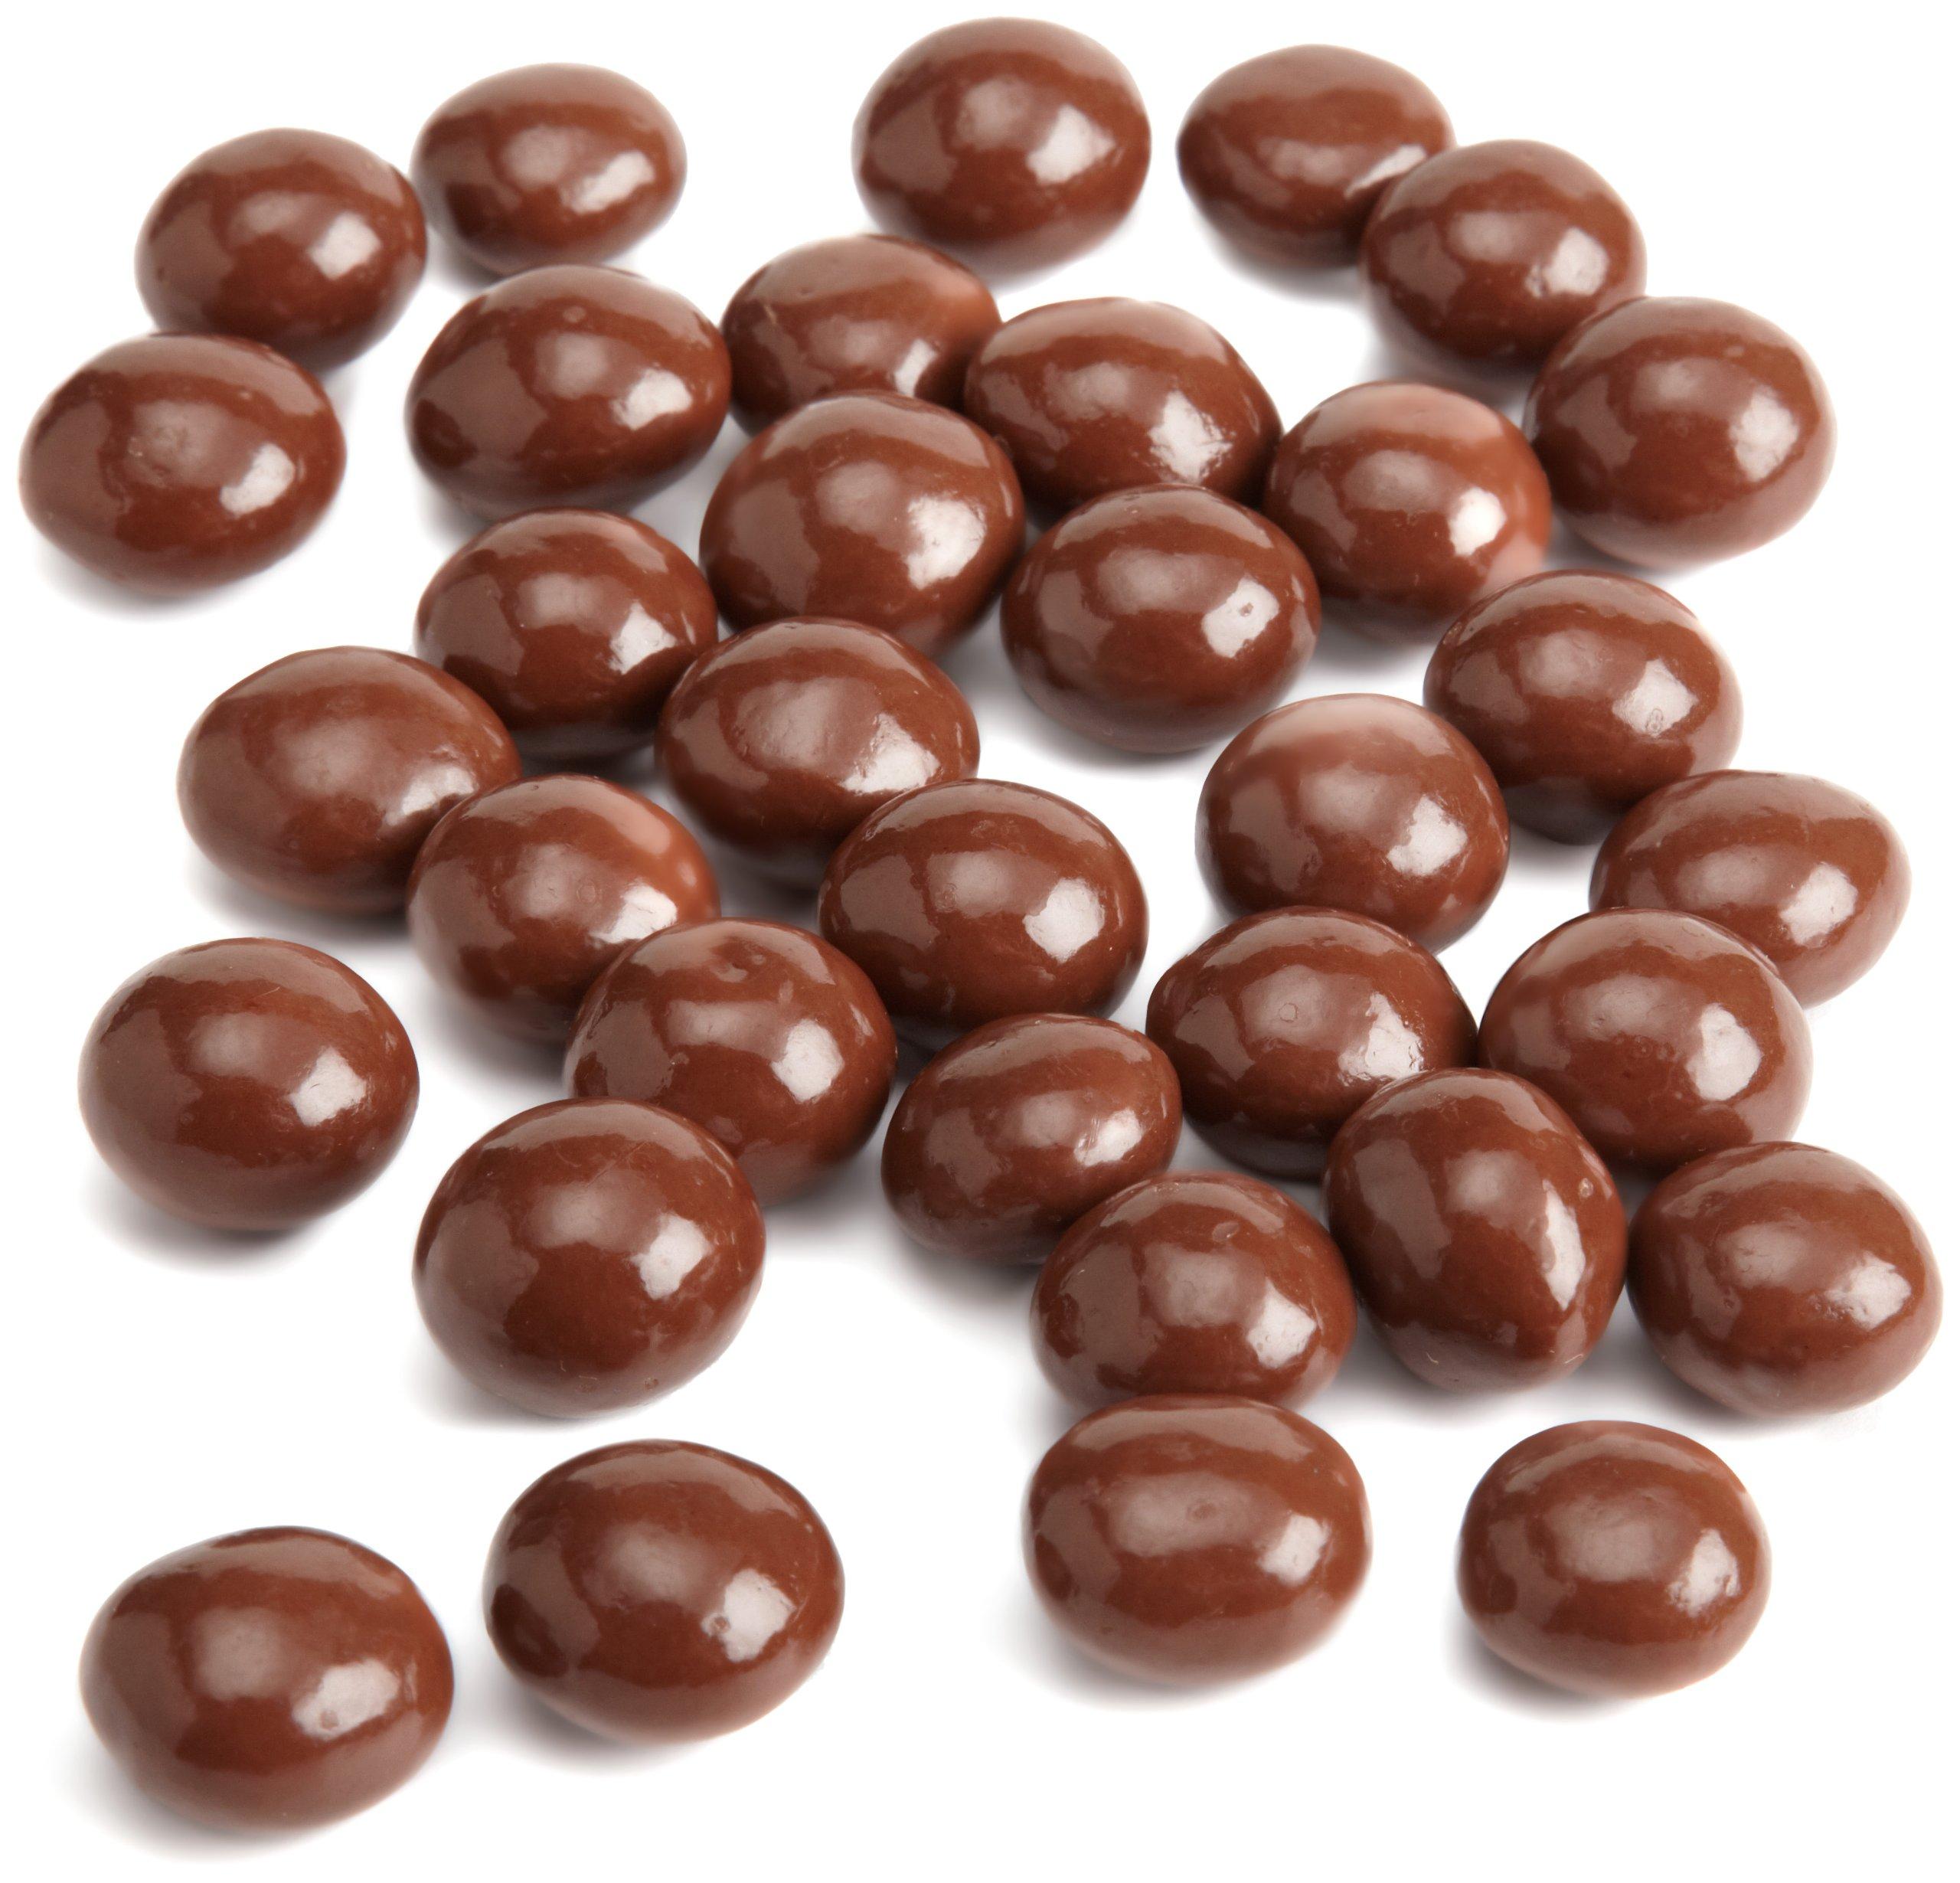 Marich Milk Chocolate Almond Toffee, 10-Pound Bag